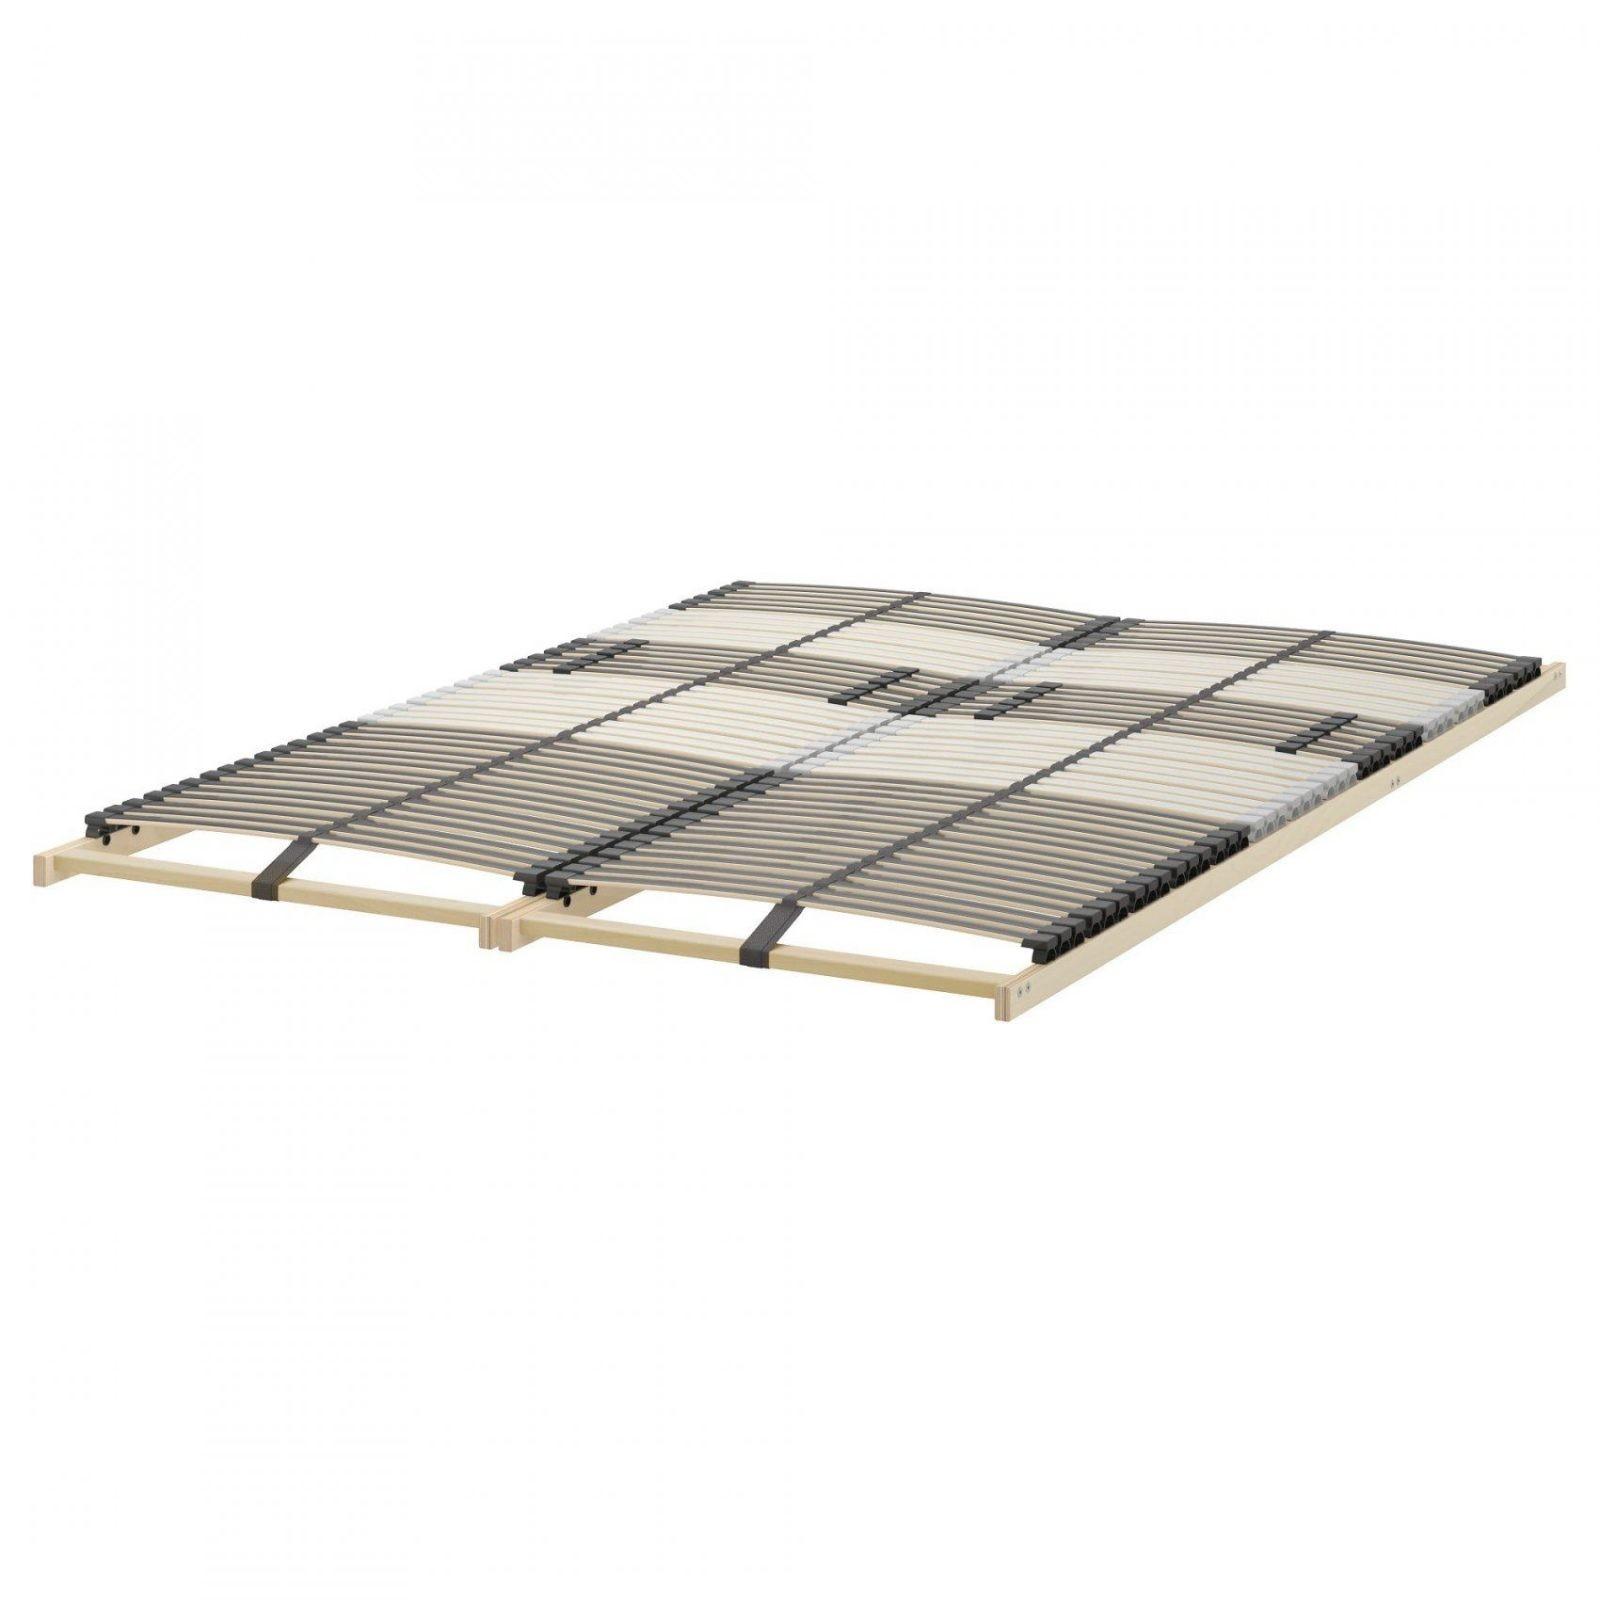 Malm Bedframe Hoog Met 2 Bedlades Zwartbruinleirsund 180X200 Cm von Ikea Malm Bett 90X200 Bild